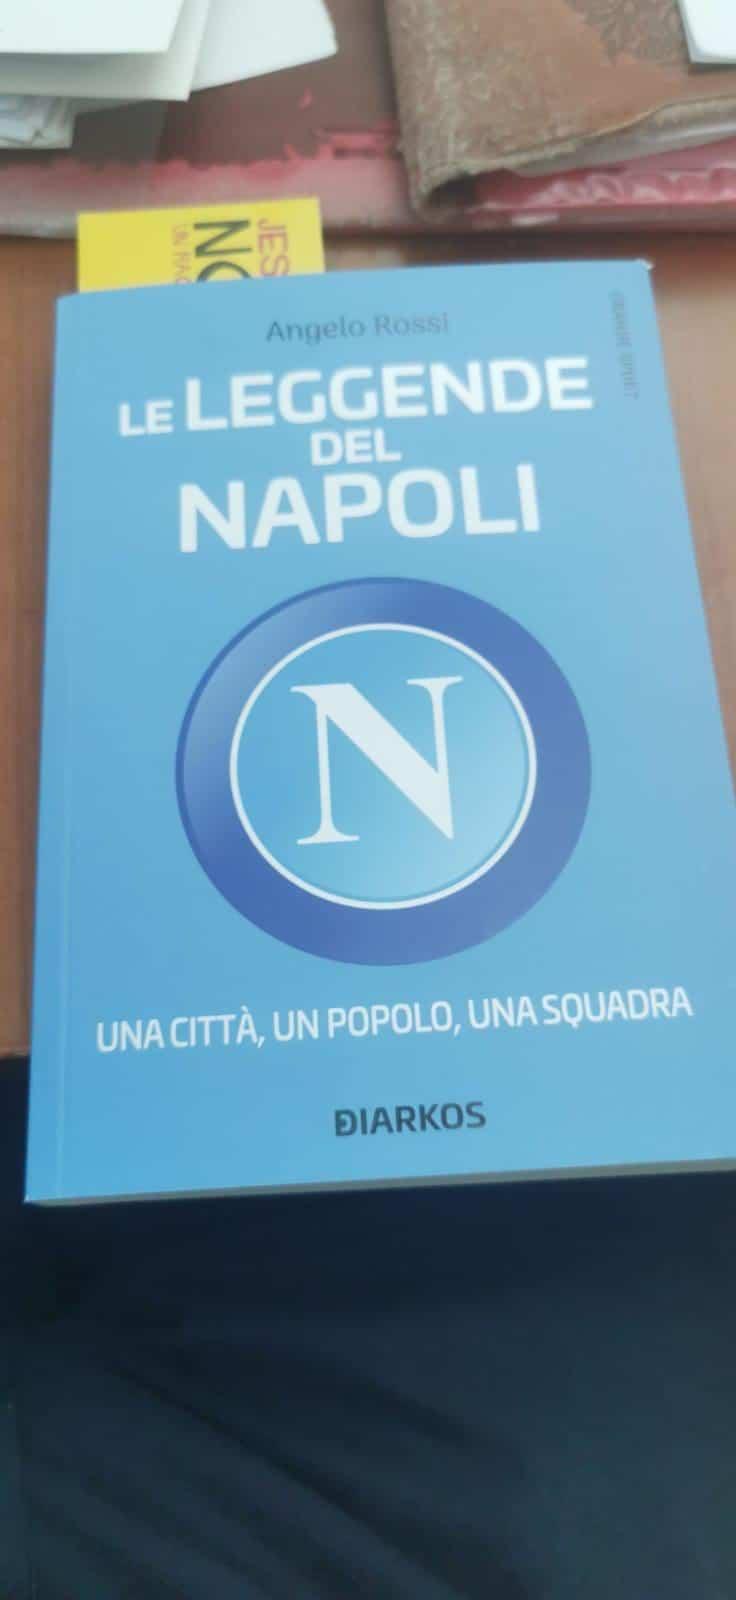 Le leggende del Napoli